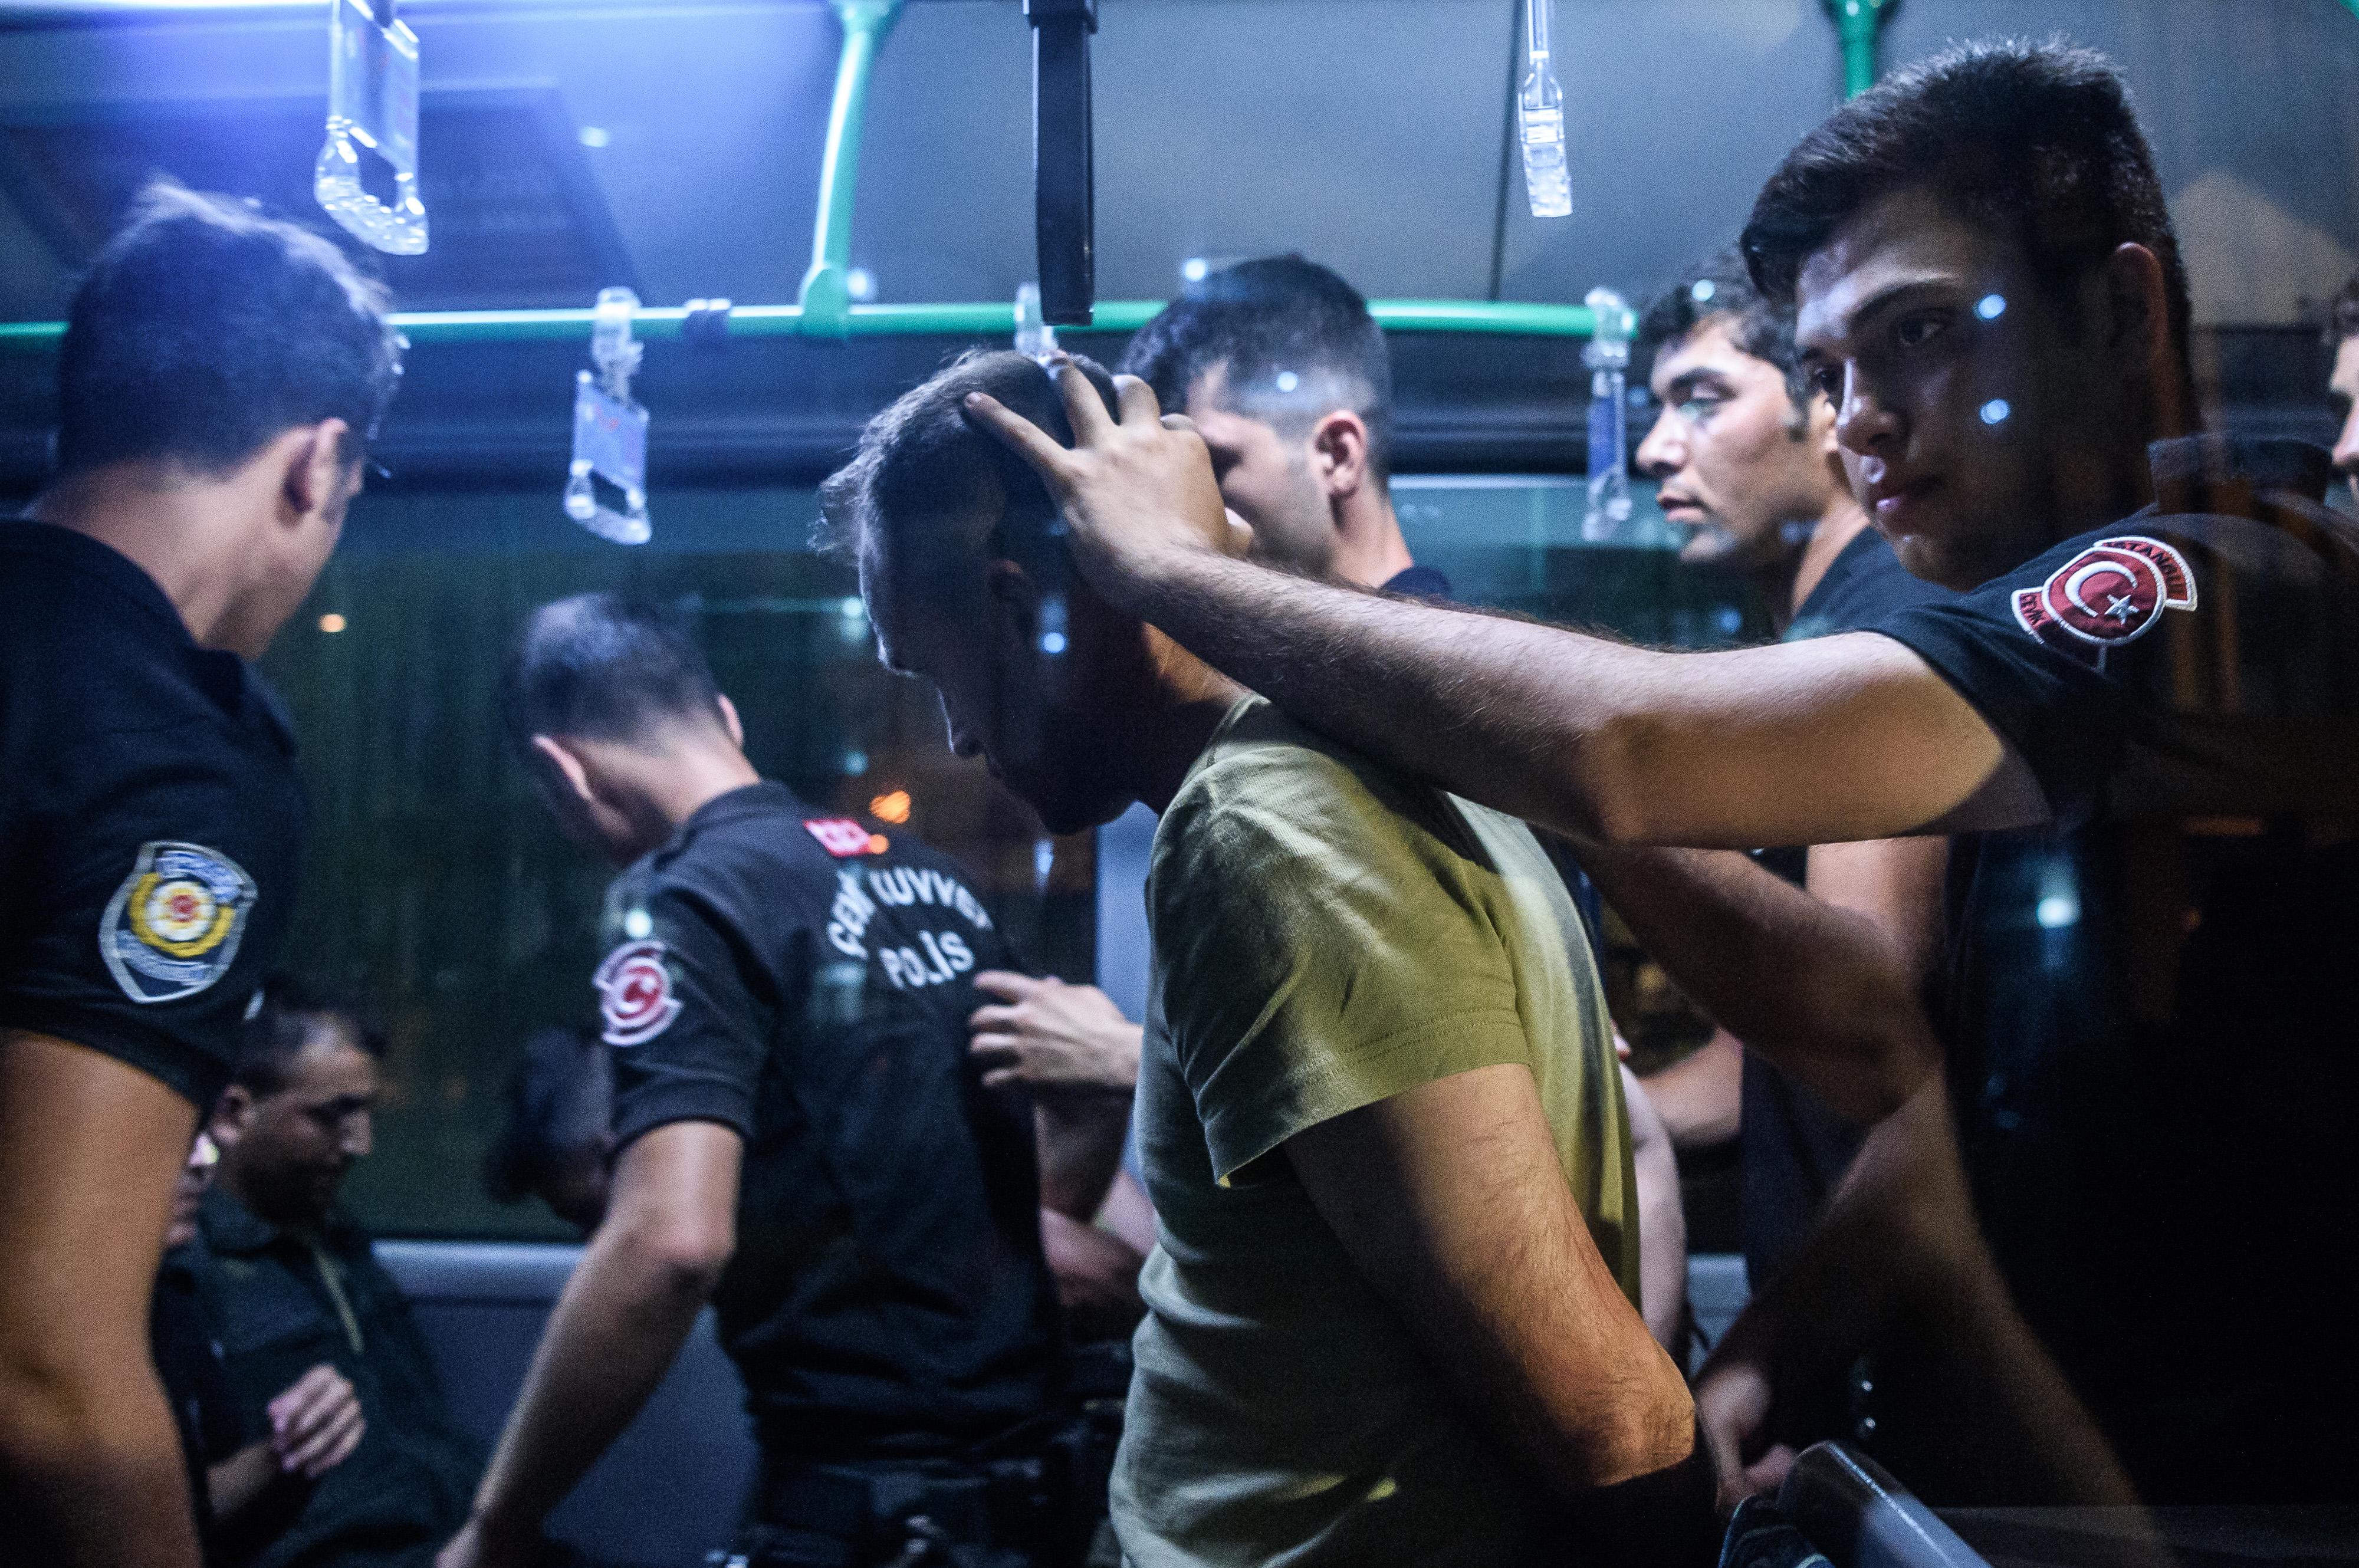 الأمن التركي خلال حملة اعتقالات بعد محاولة الانقلاب